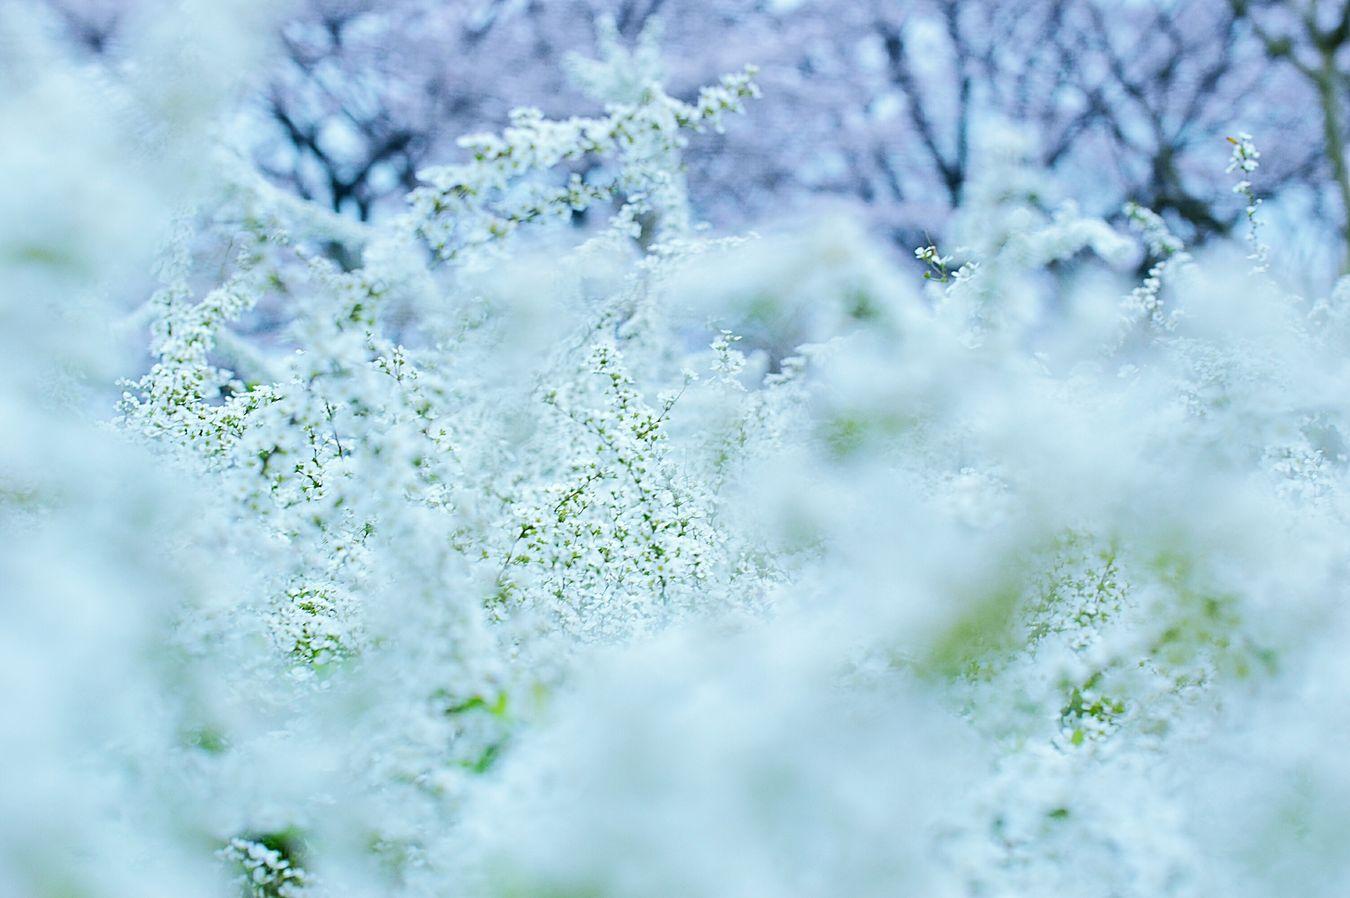 愛らしさ。雪柳 Showcase April ゆきやなぎ Relaxing Spring Time Japan Bokeh Dreamfantasy Hazy Days 春 Spring Colors Spring Colours EyeEm Flower EyeEm Nature Lover Flowers Bokeheffect Thunberg Spirea